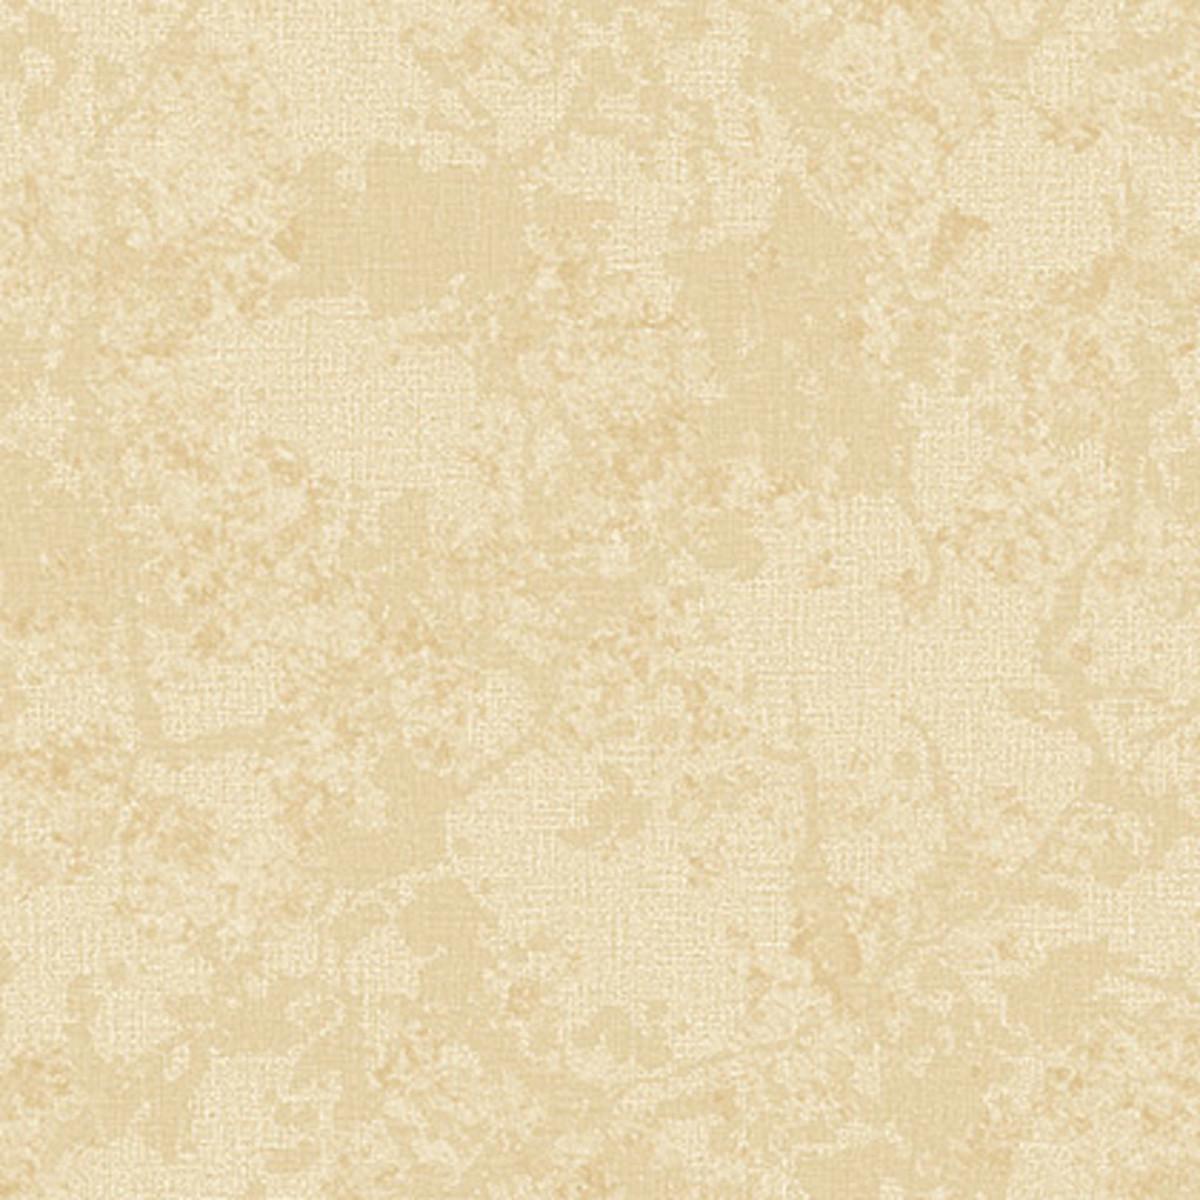 Обои виниловые Gaenari золотые 1.06 м 81124-6